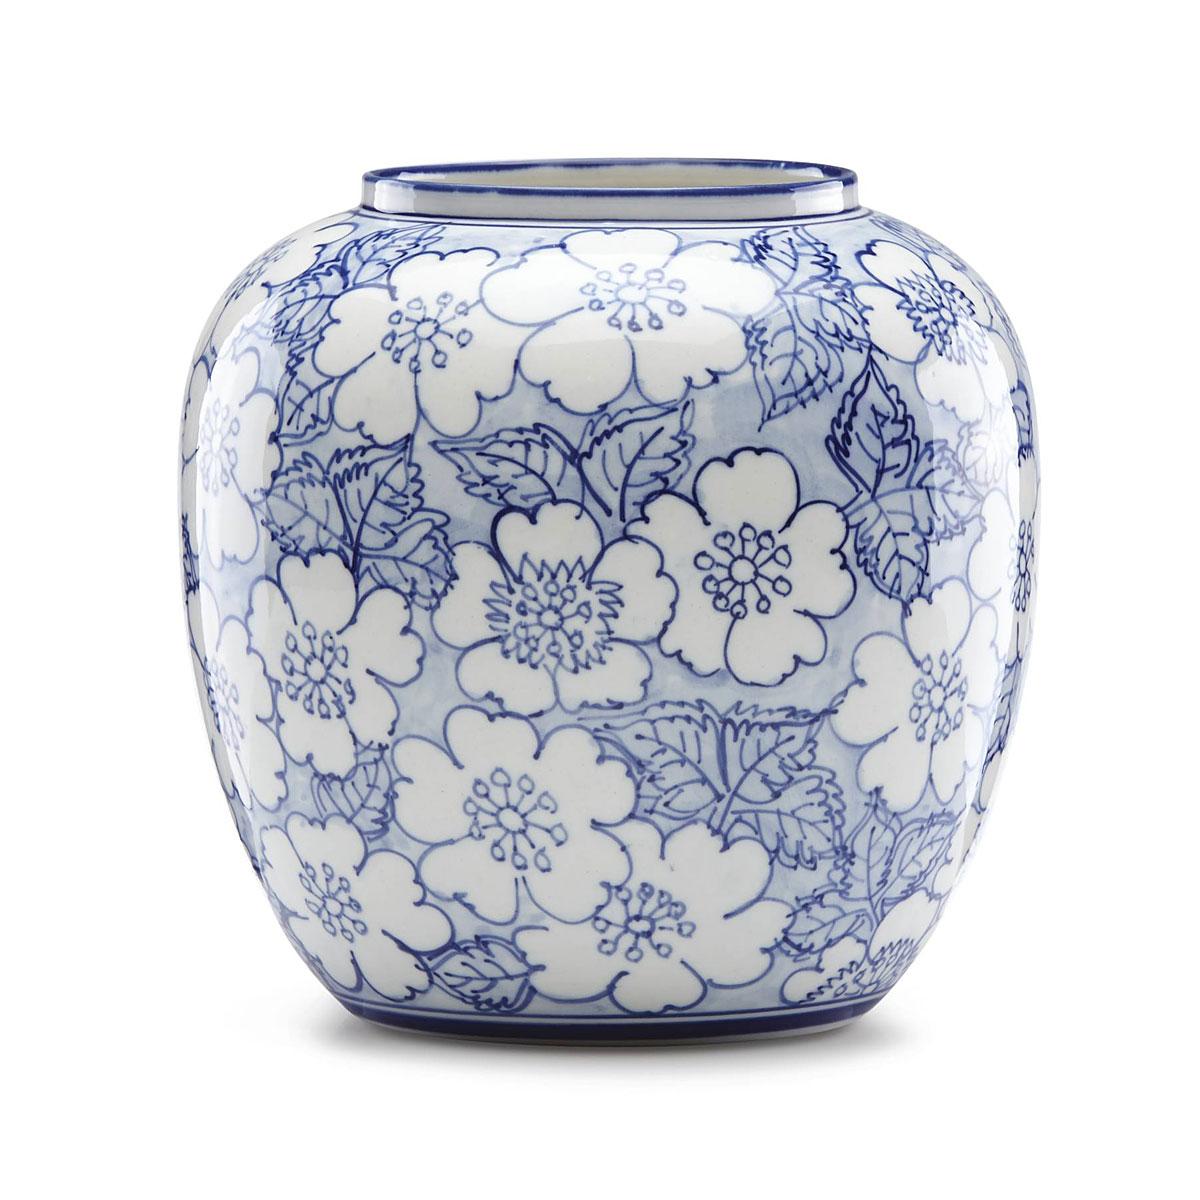 Lenox China Painted Indigo Floral Round Vase